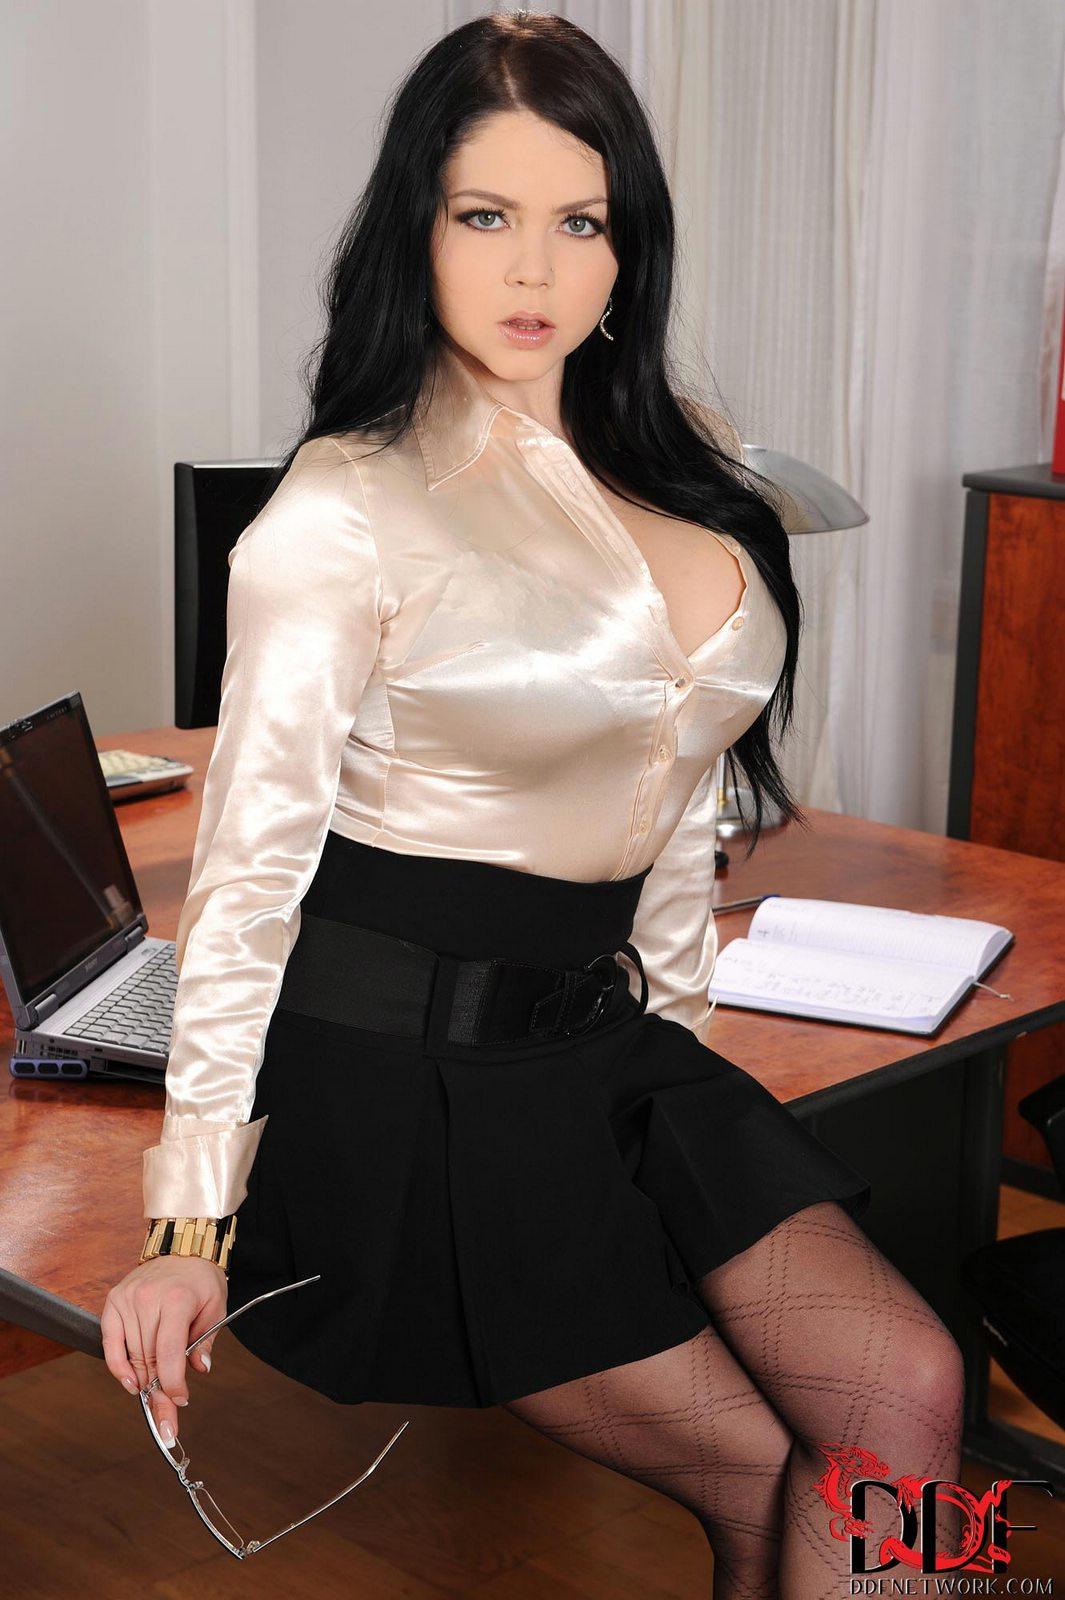 Hot sexy latina fucked hard